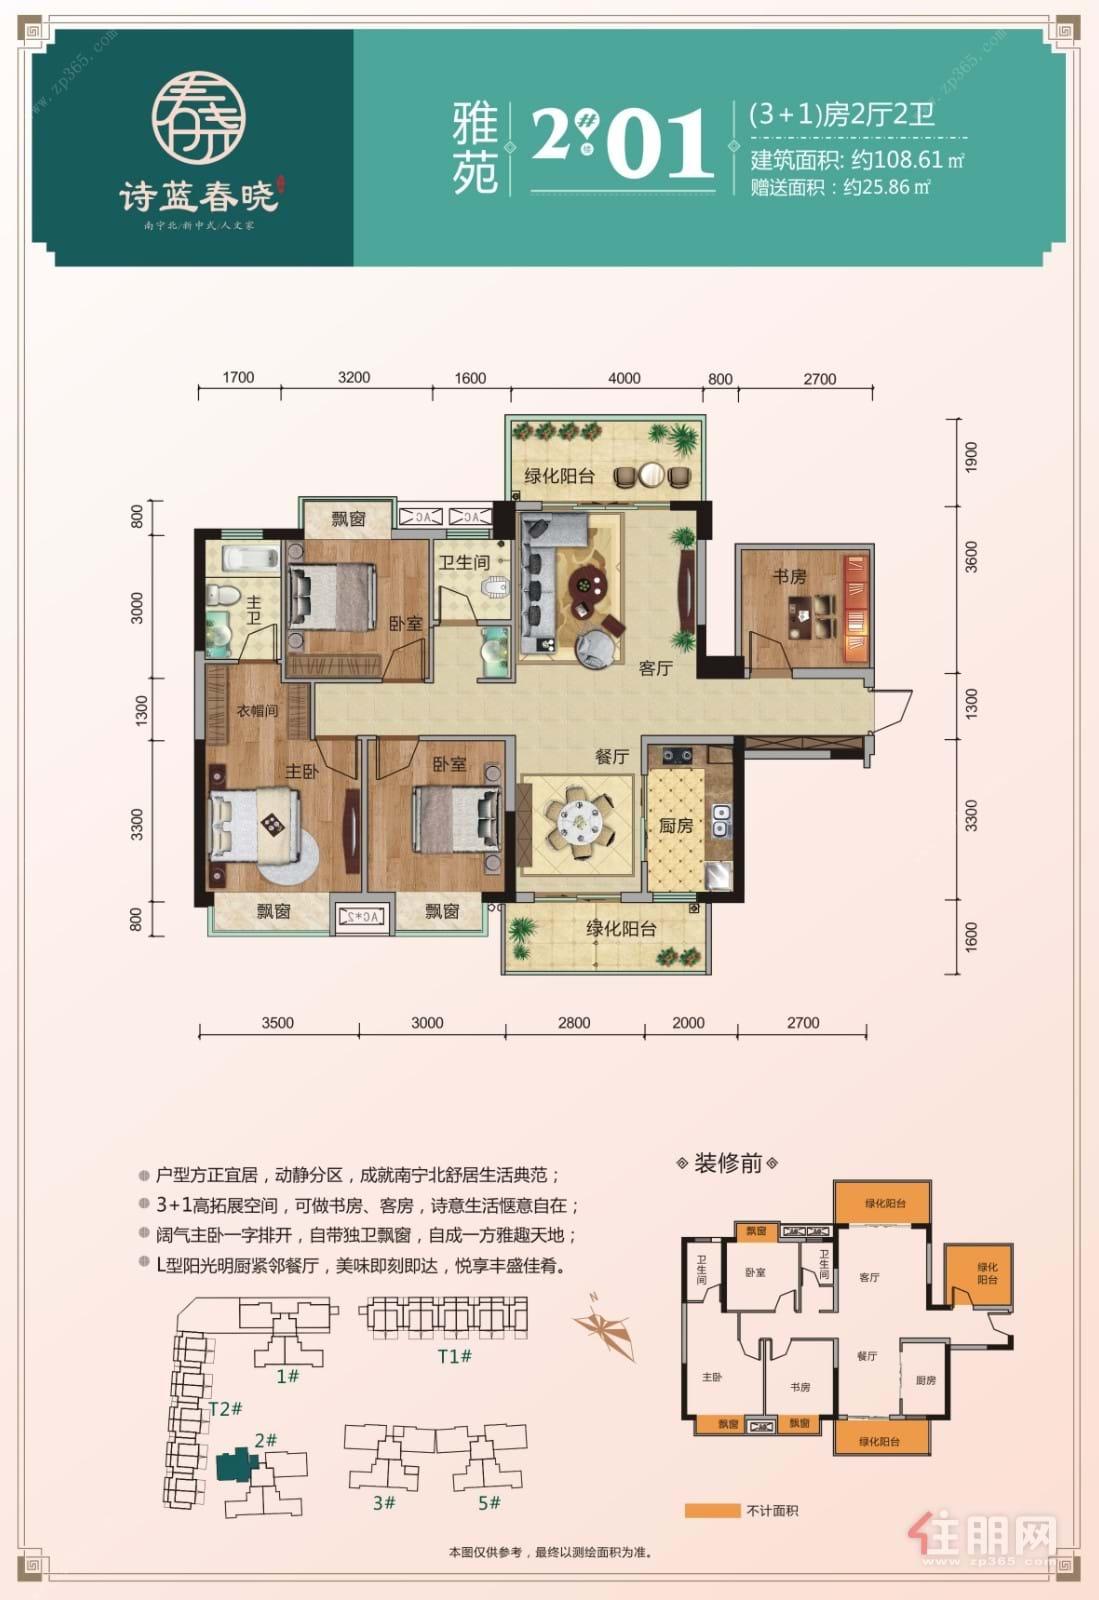 诗蓝春晓2#01 108㎡|4室2厅2卫1厨2阳台